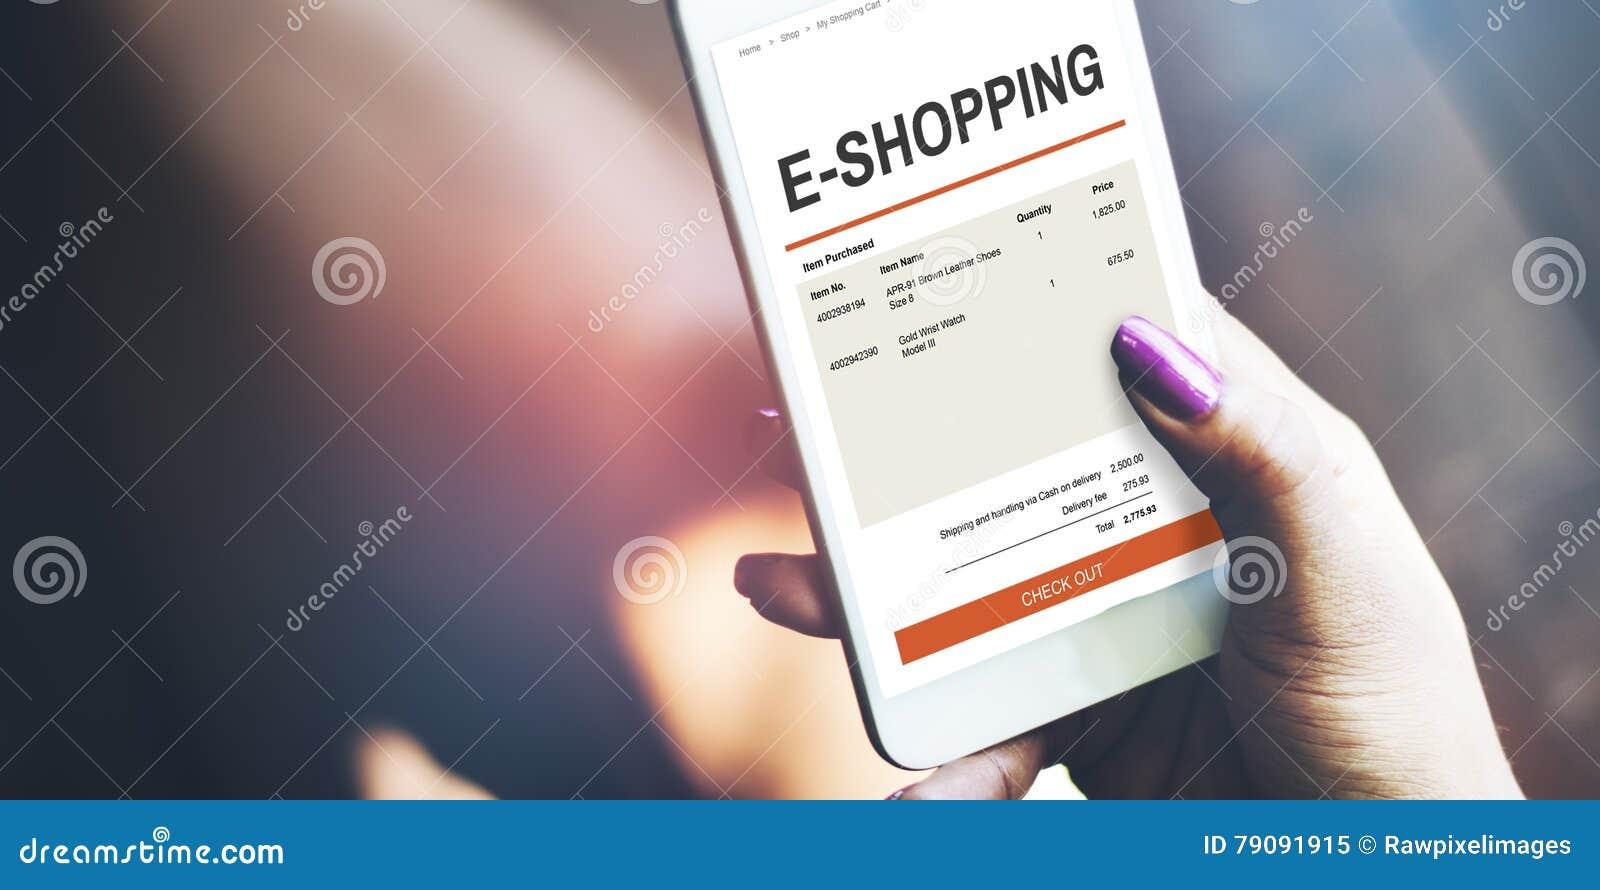 Devi fare un acquisto online ma non sai se il sito di acquisti è affidabile e serio? Controlla la lista sottostante e se il sito è ricompreso all'interno, allora puoi andare sicuro con i tuoi acquisti!